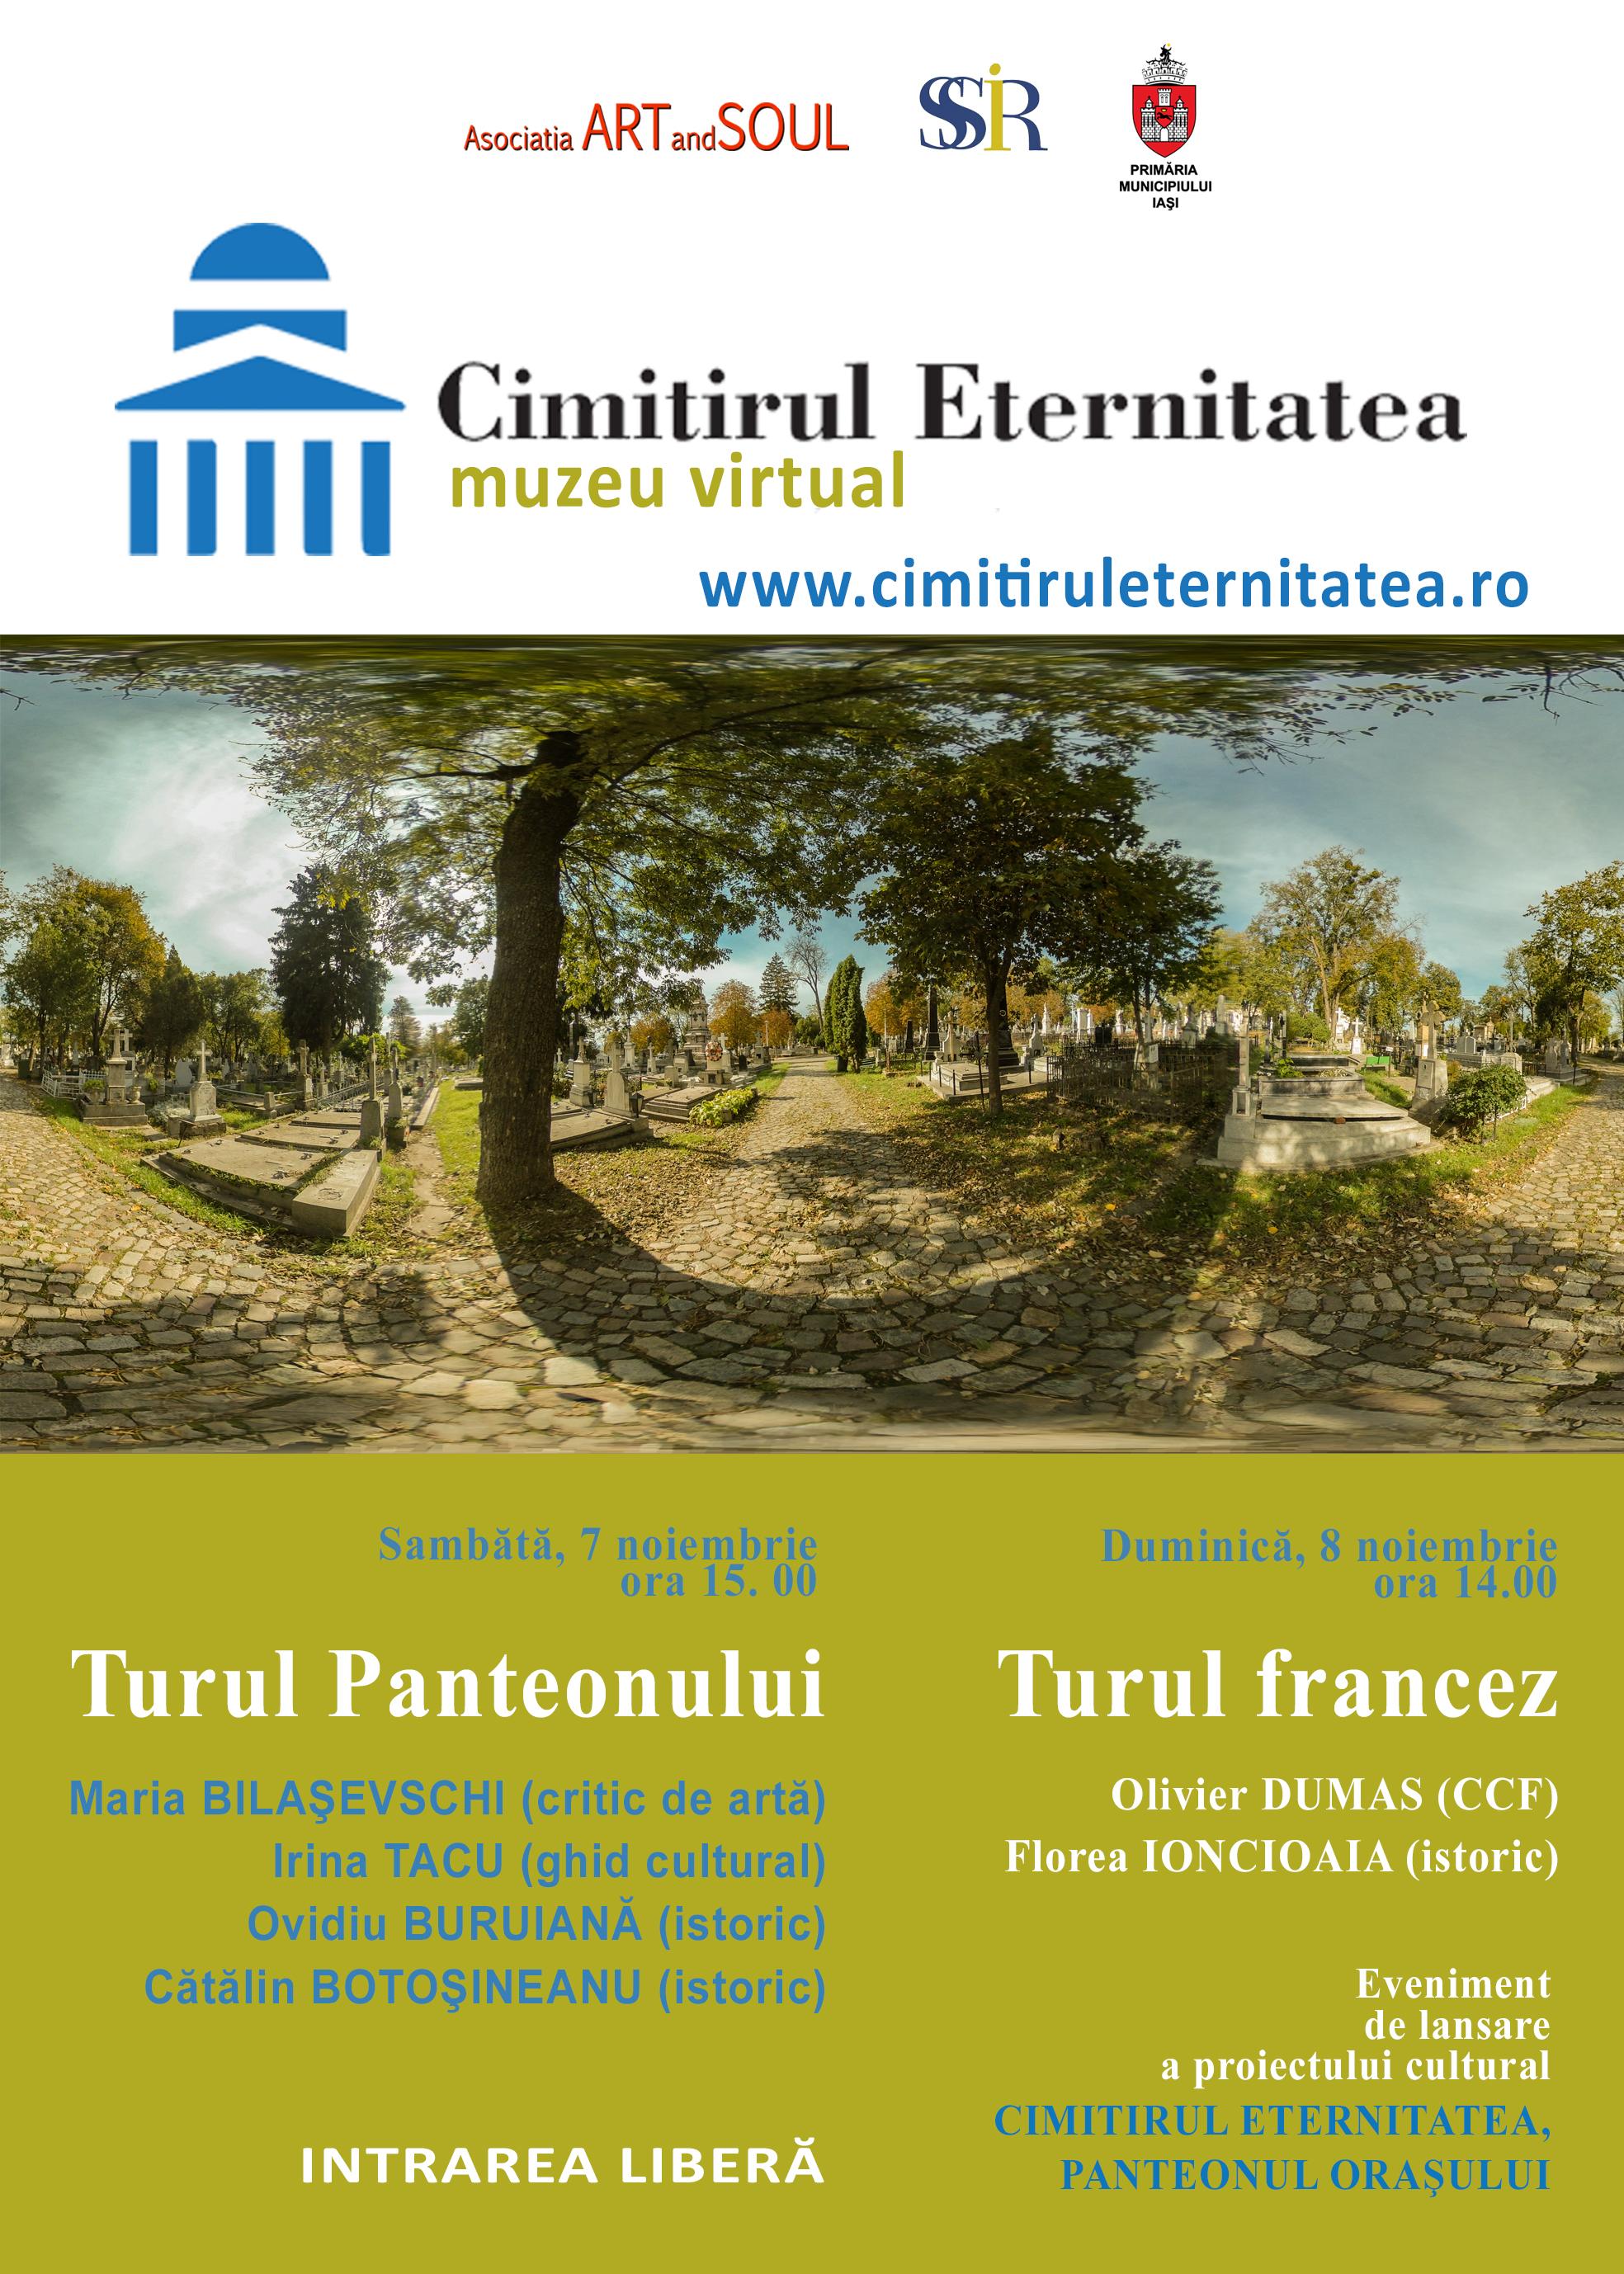 Premieră în România, o plimbare virtuală, prin intermediul imaginilor 360, printre monumente www.cimitiruleternitatea.ro